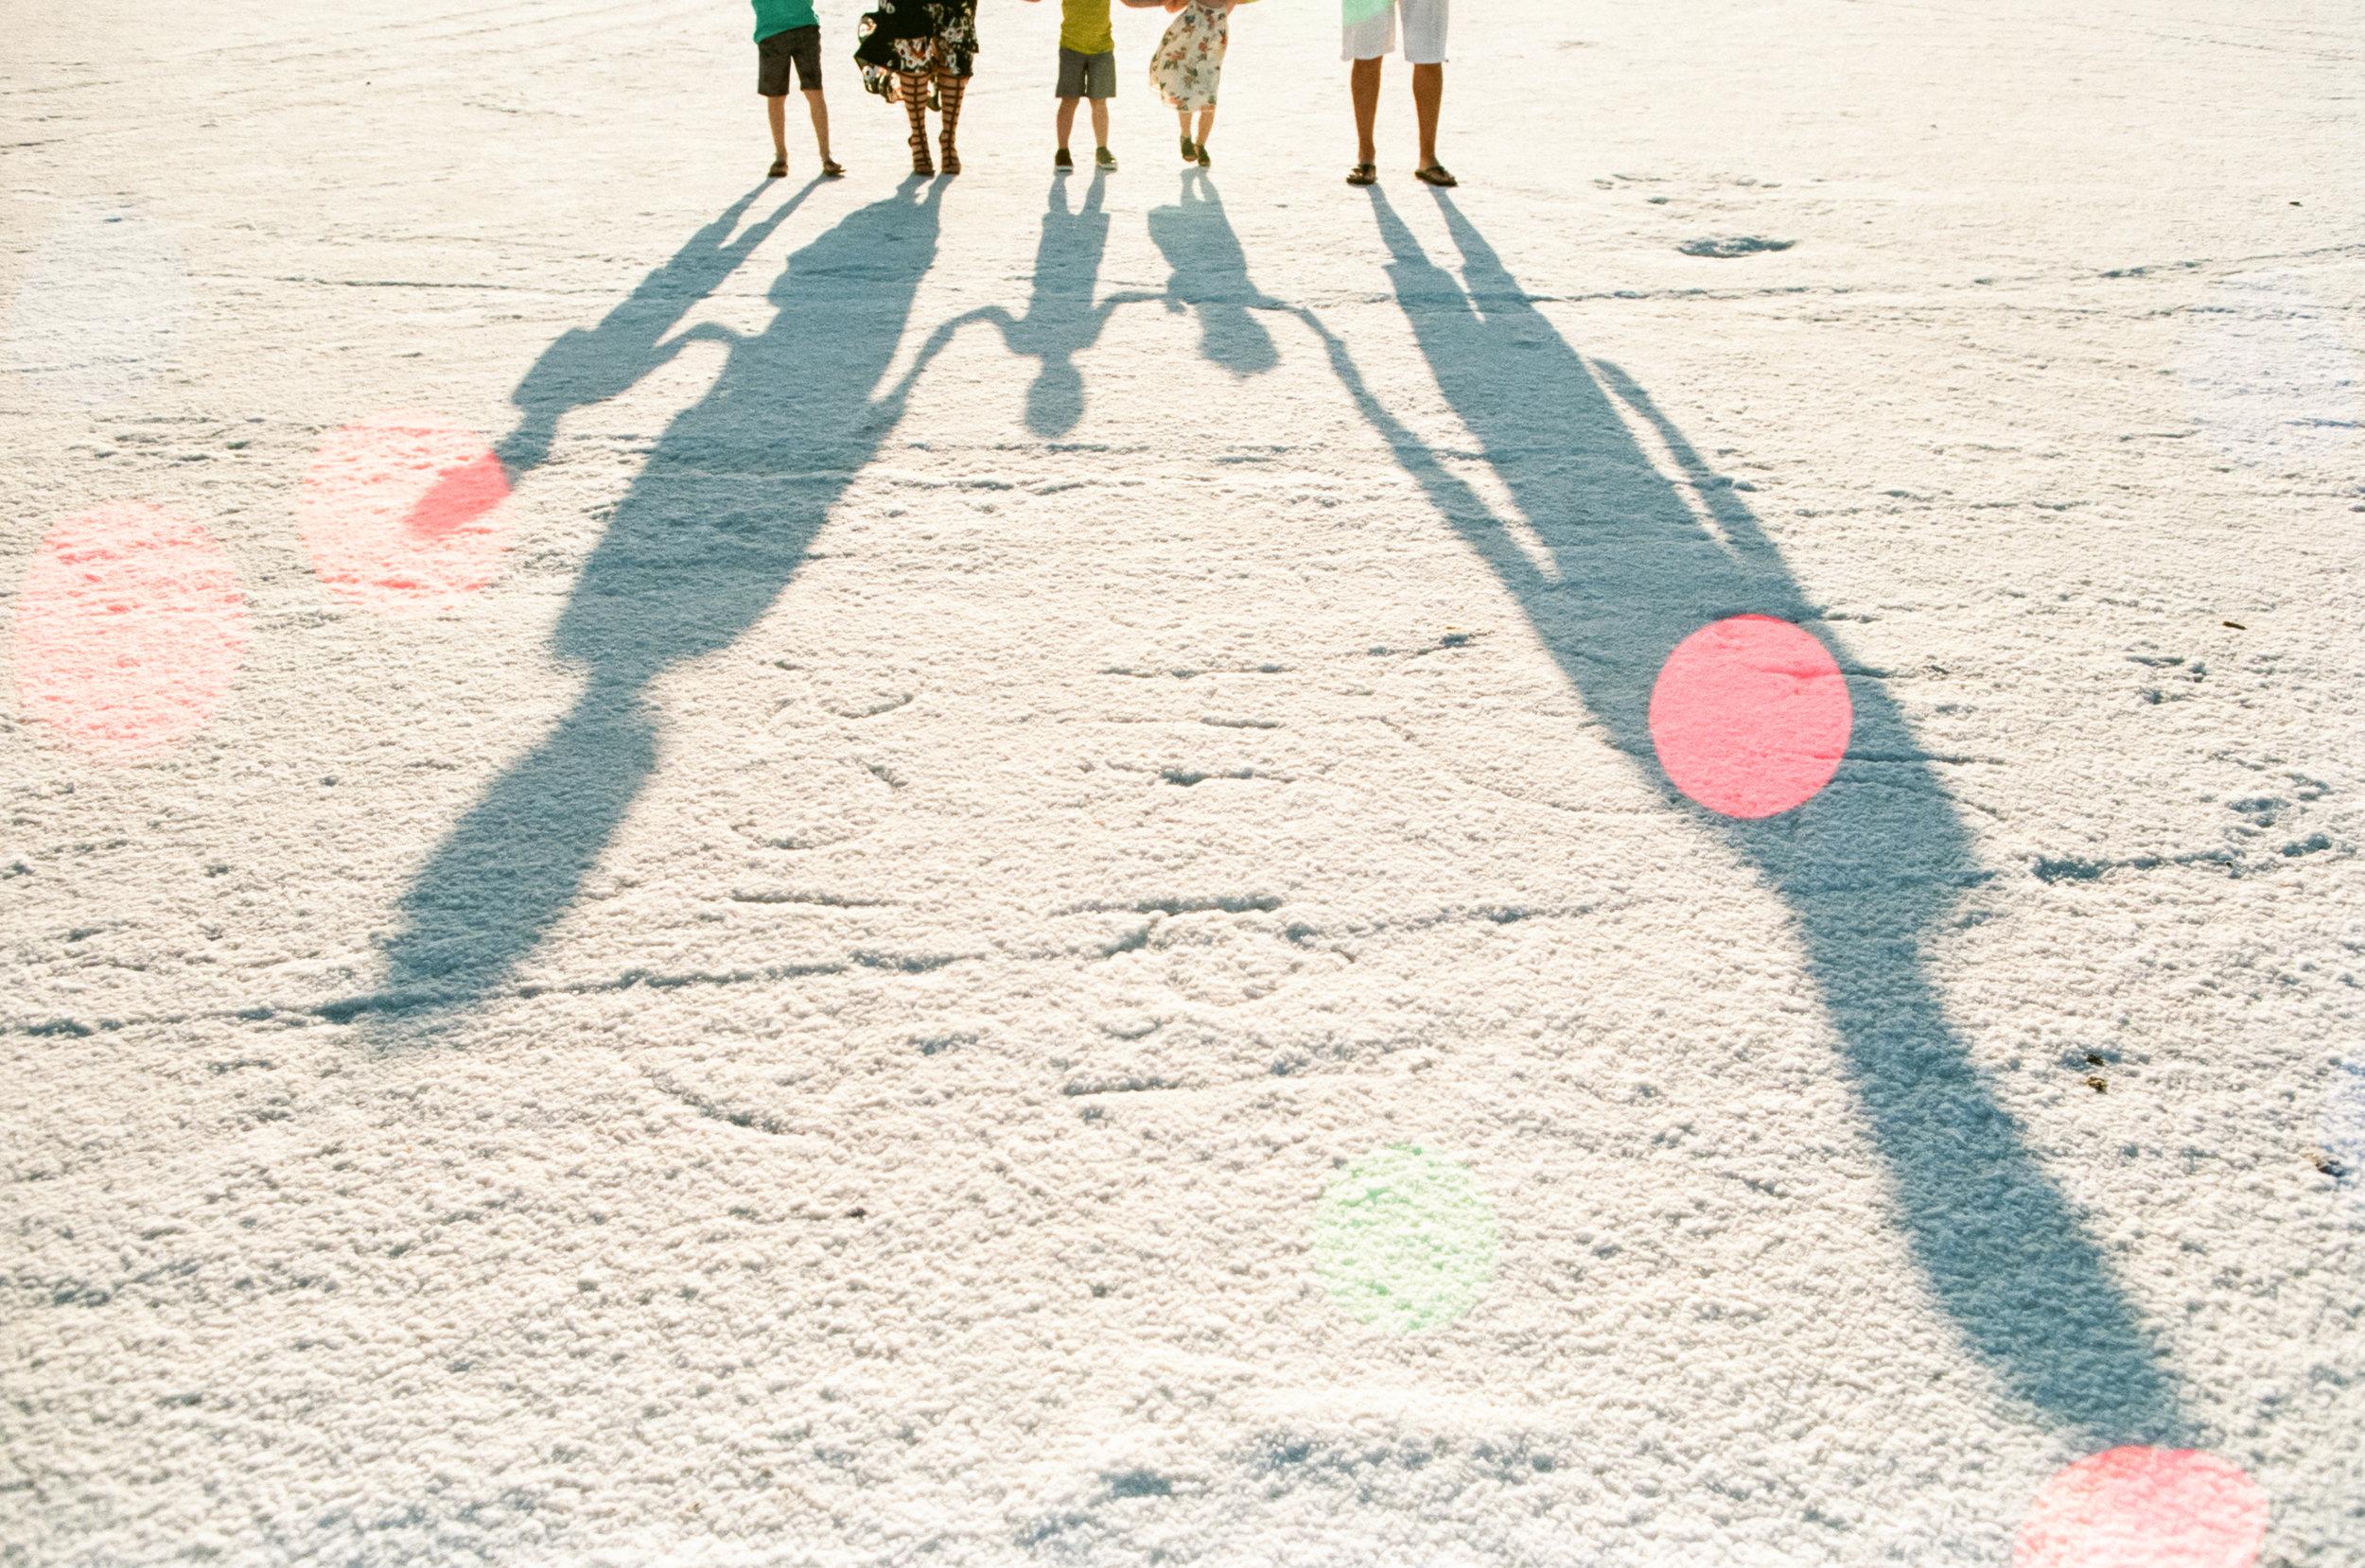 travel-family-film-photographer-salt-flats-utah